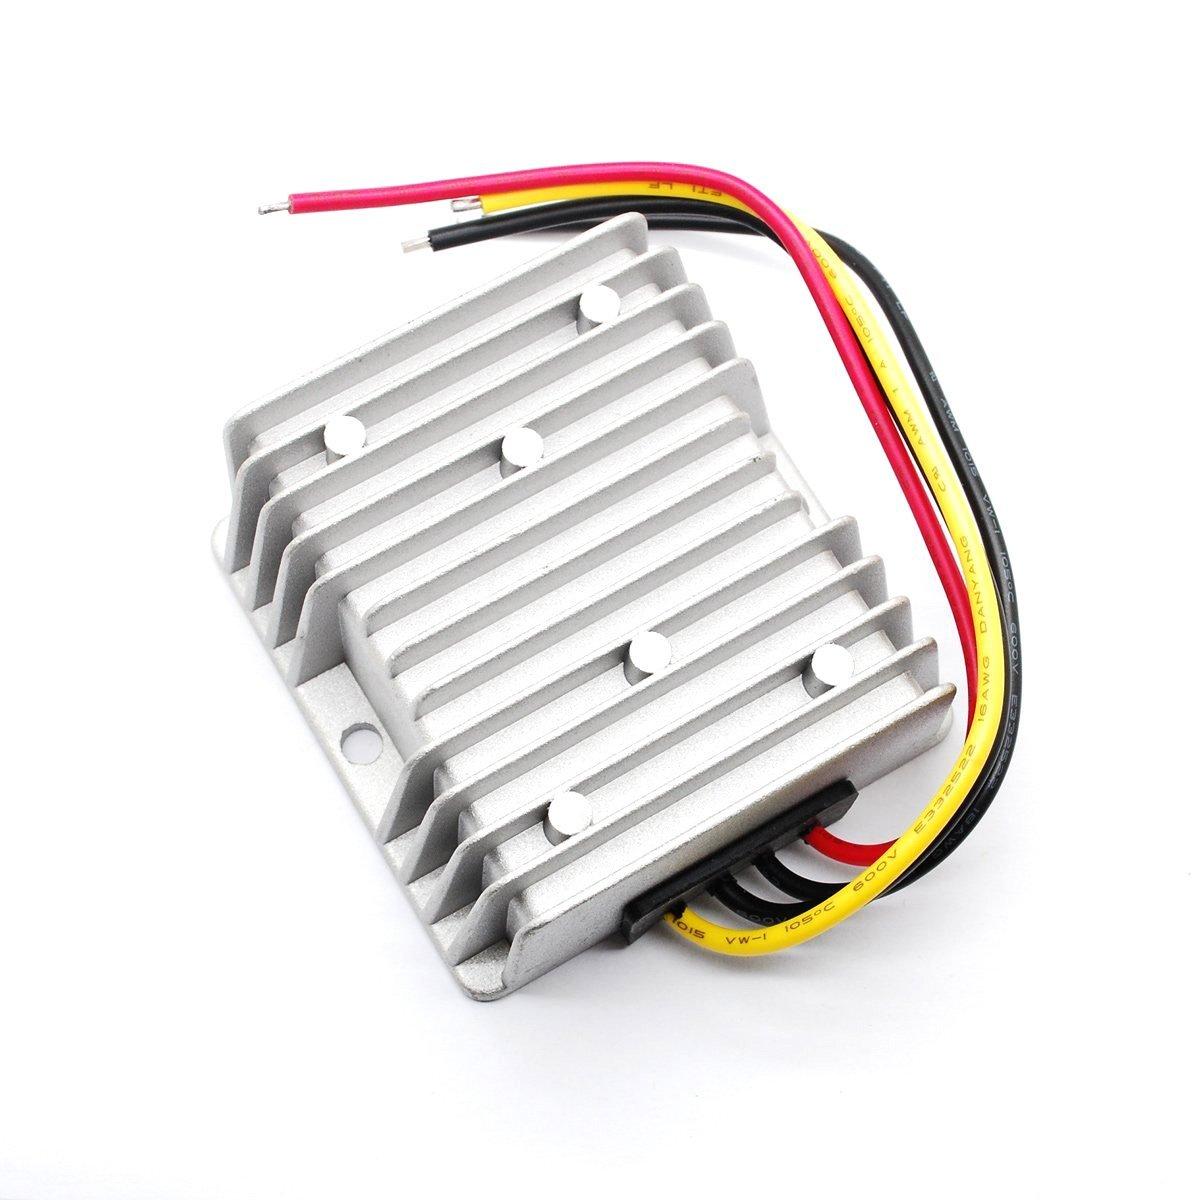 16v-35v NW Waterproof DC DC Step Up Converter 24V to 12V 10A Car Power Supply Voltage Converter Regulator Electronic Transformer